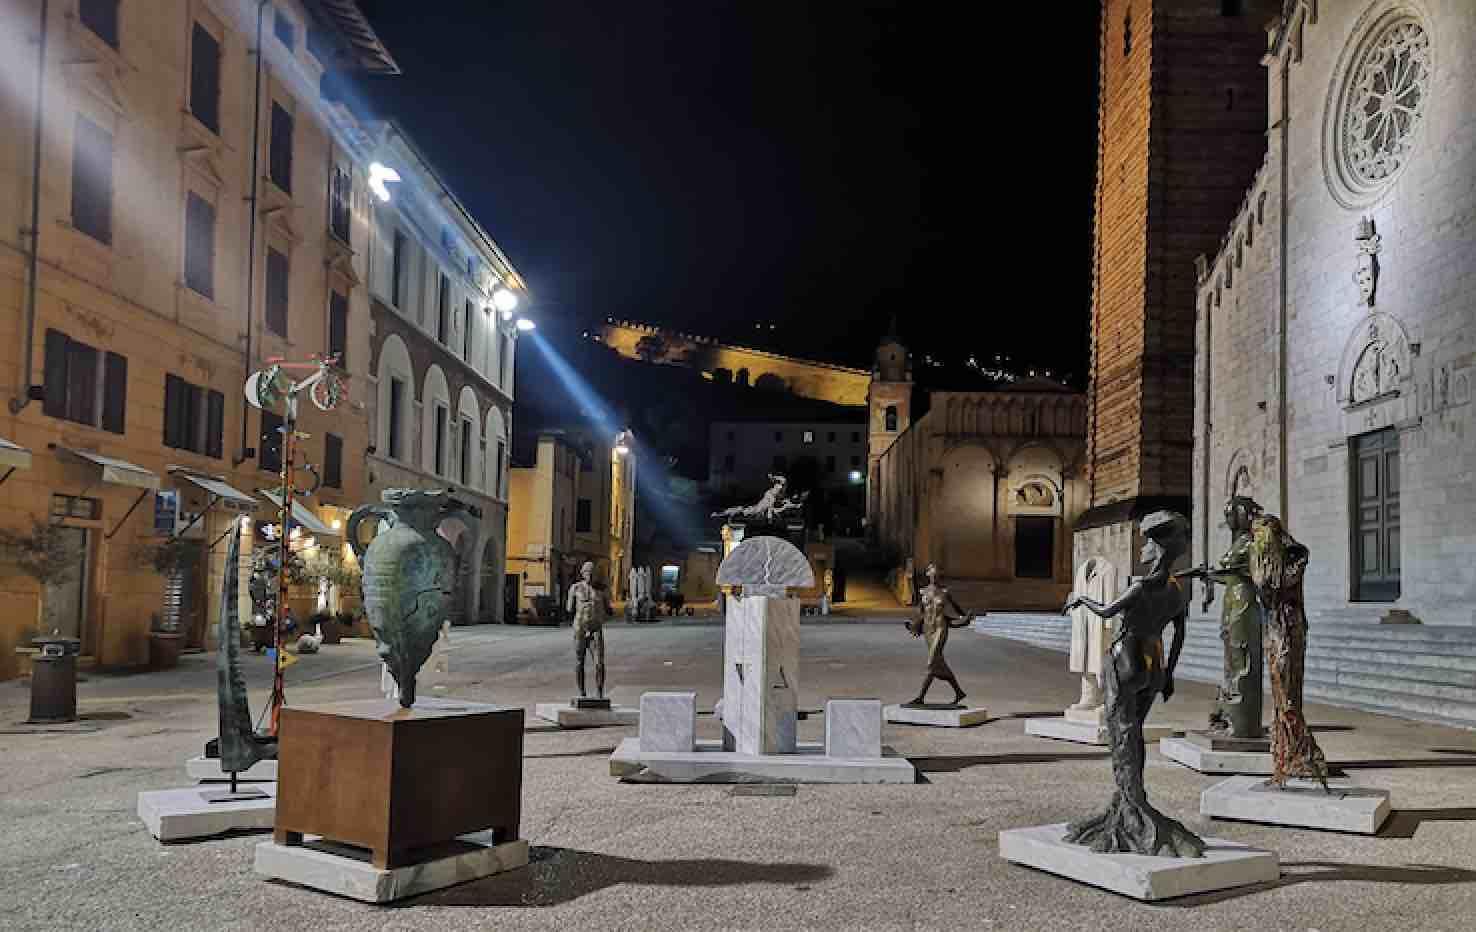 La Piazza in attesa – Piazza del Duomo, Pietrasanta (Lucca)